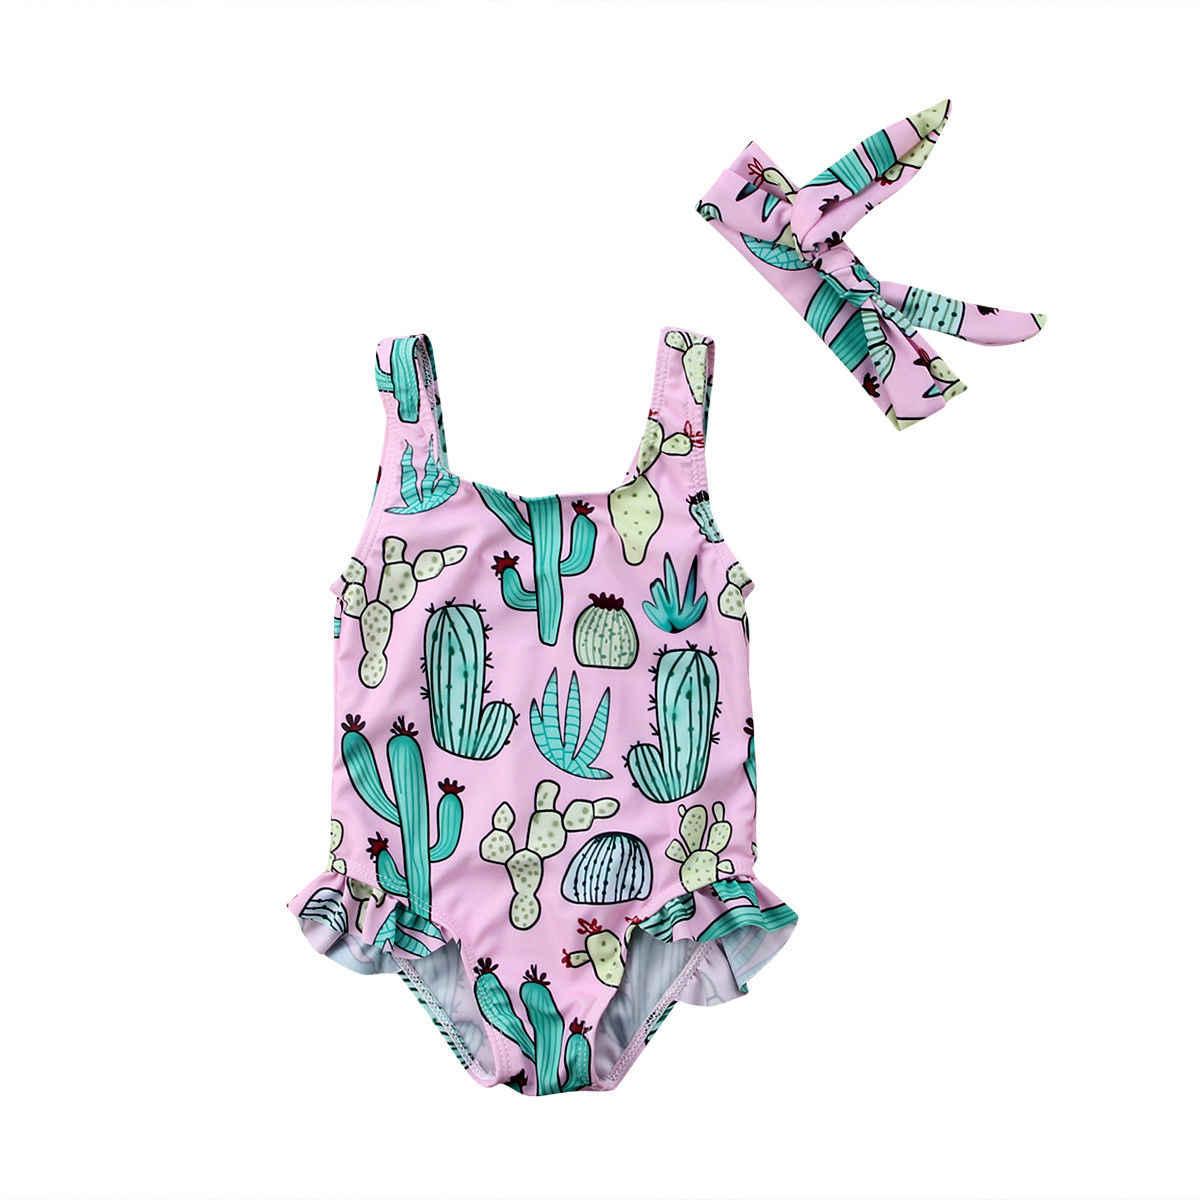 لطيف الصيف الوليد طفل طفلة الصبار بيكيني ملابس السباحة واحدة قطعة الرضع ملابس سباحة للفتيات الاستحمام بحر مع العصابة 0- 3T